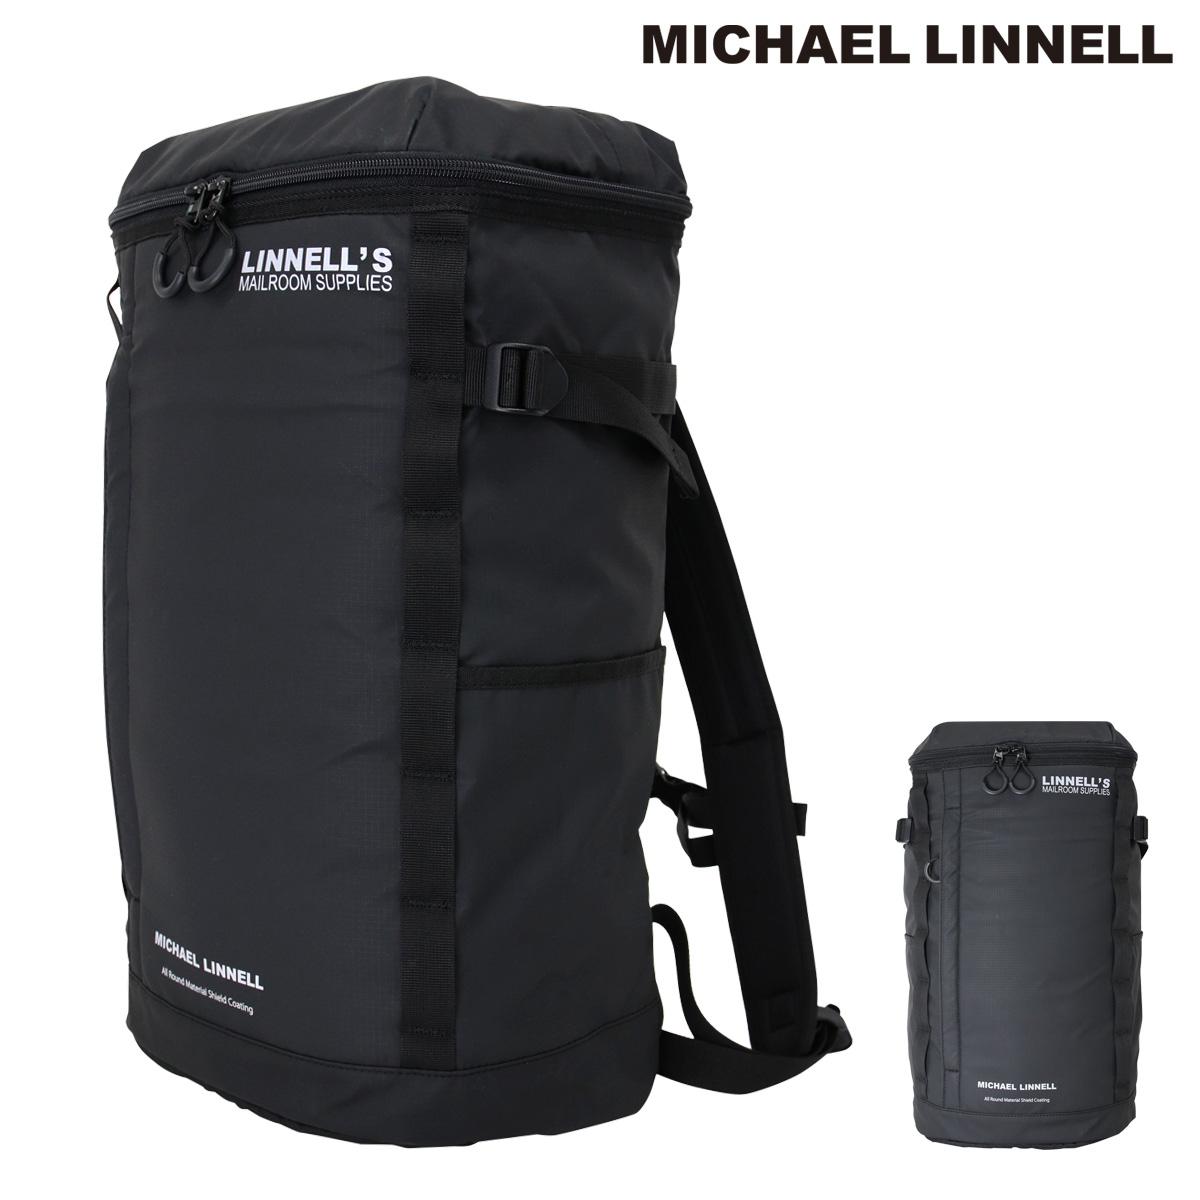 マイケルリンネル リュック 31L メンズ レディース MLAC-14 MICHAEL LINNELL | リュックサック 軽量 撥水 [PO10][母の日]